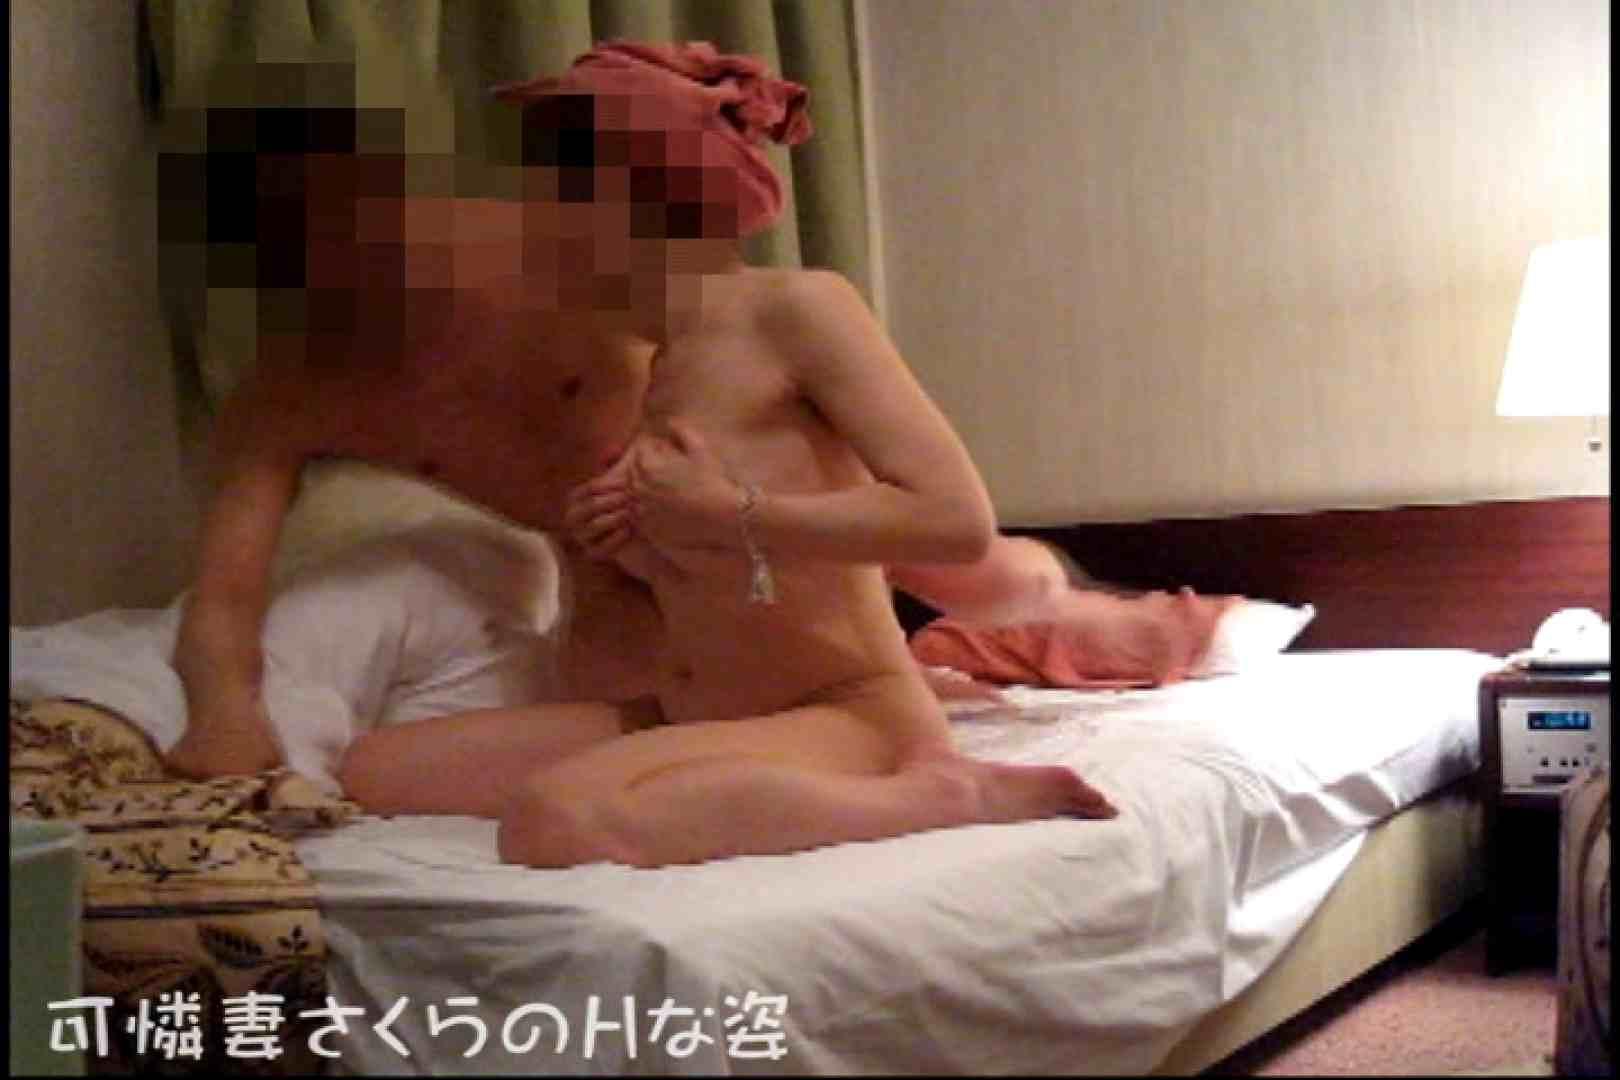 可憐妻さくらのHな姿vol.5前編 セックス われめAV動画紹介 63連発 15